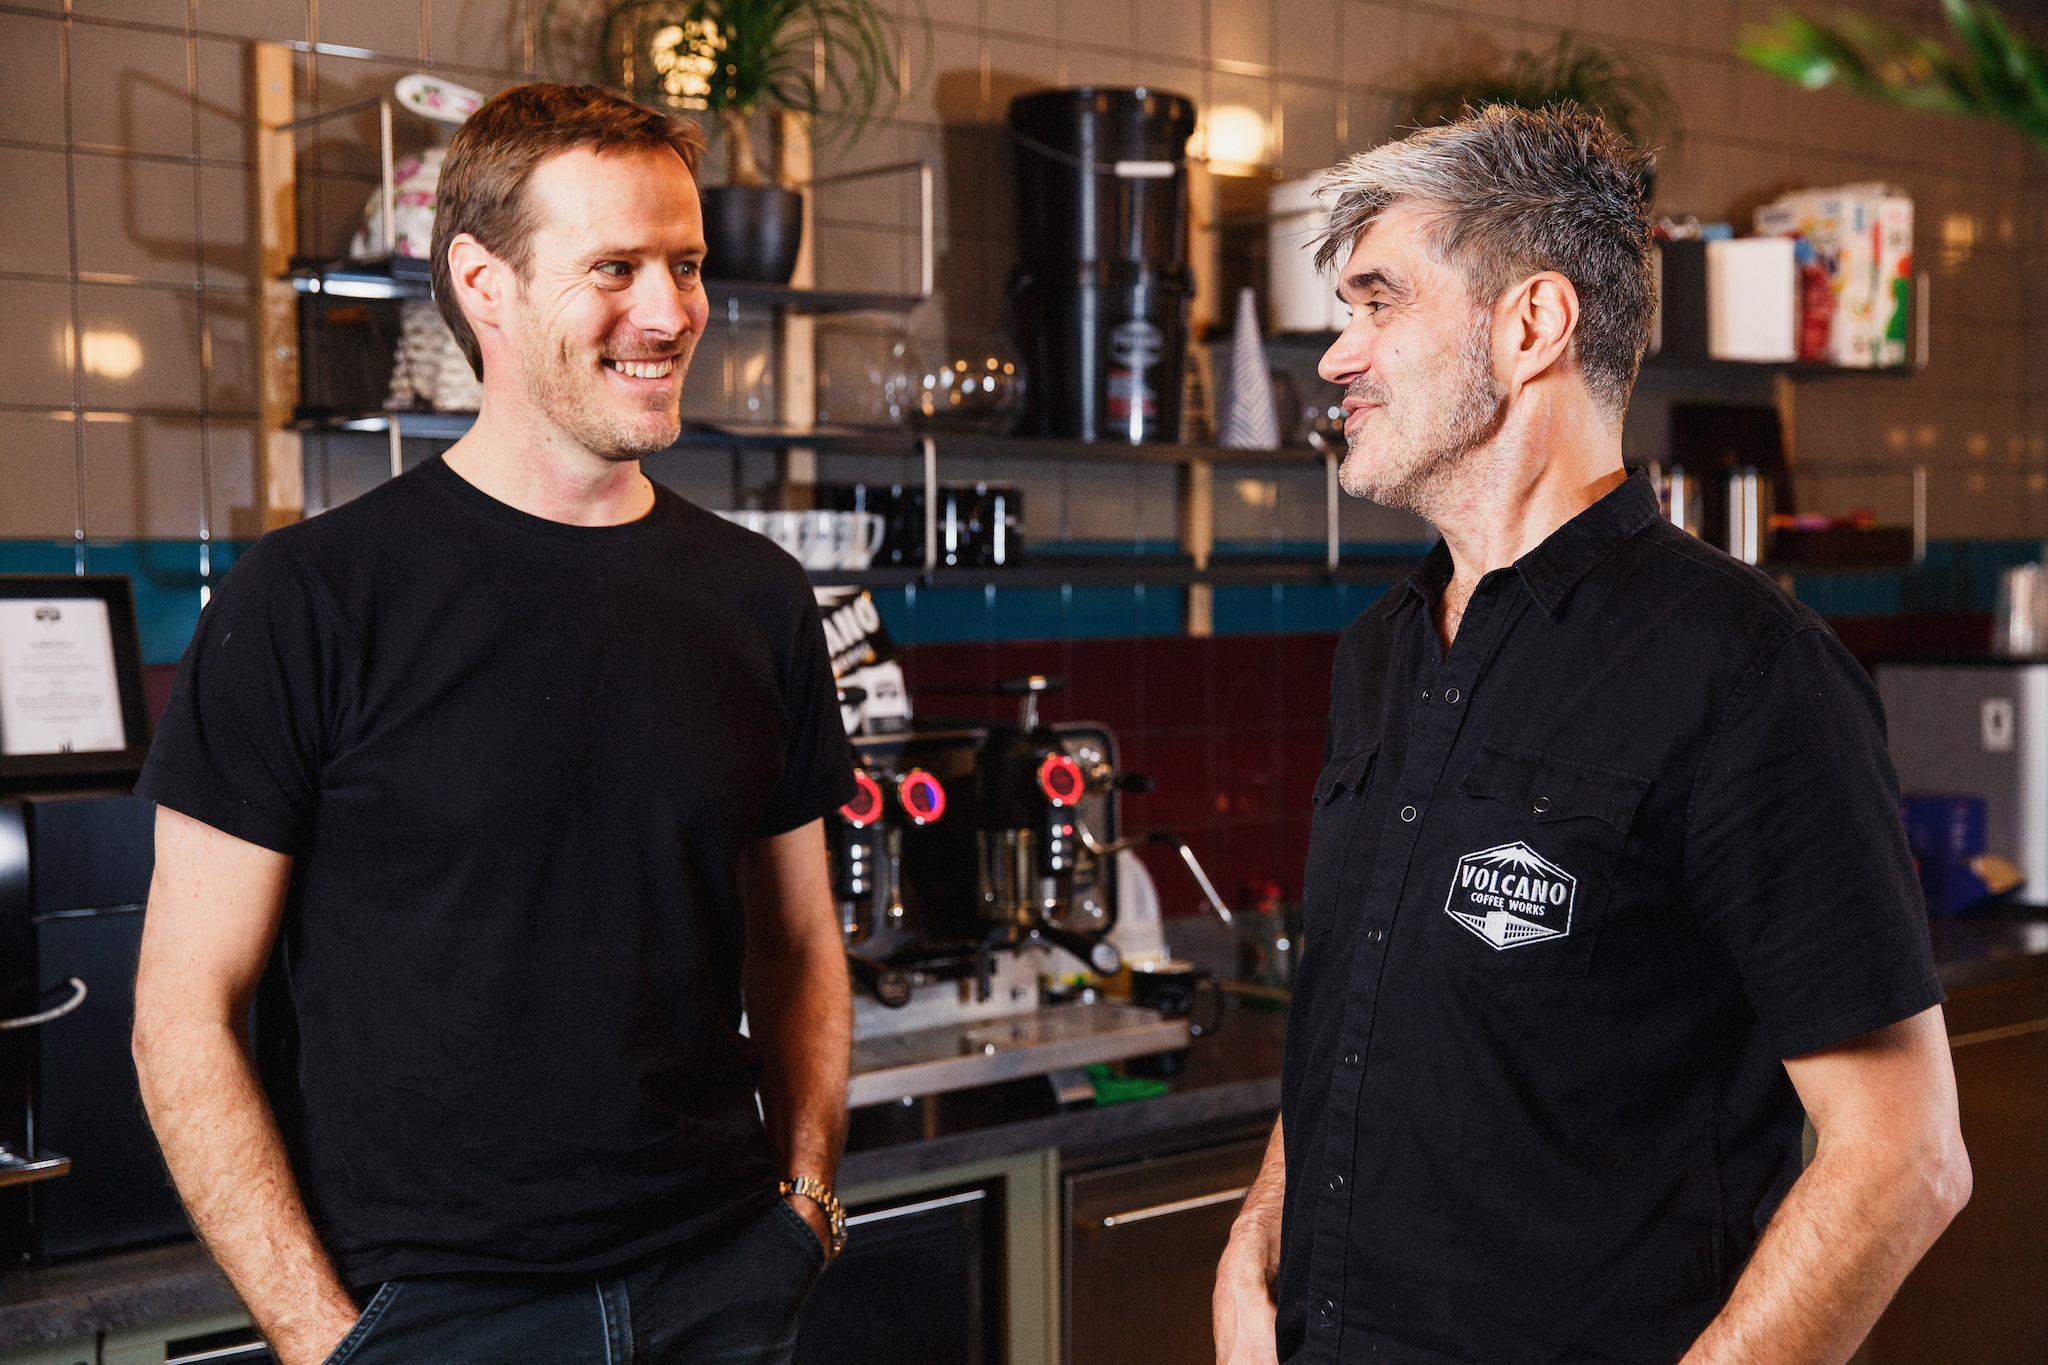 Two Coffee-Loving Friends Lead London's Bean Scene4